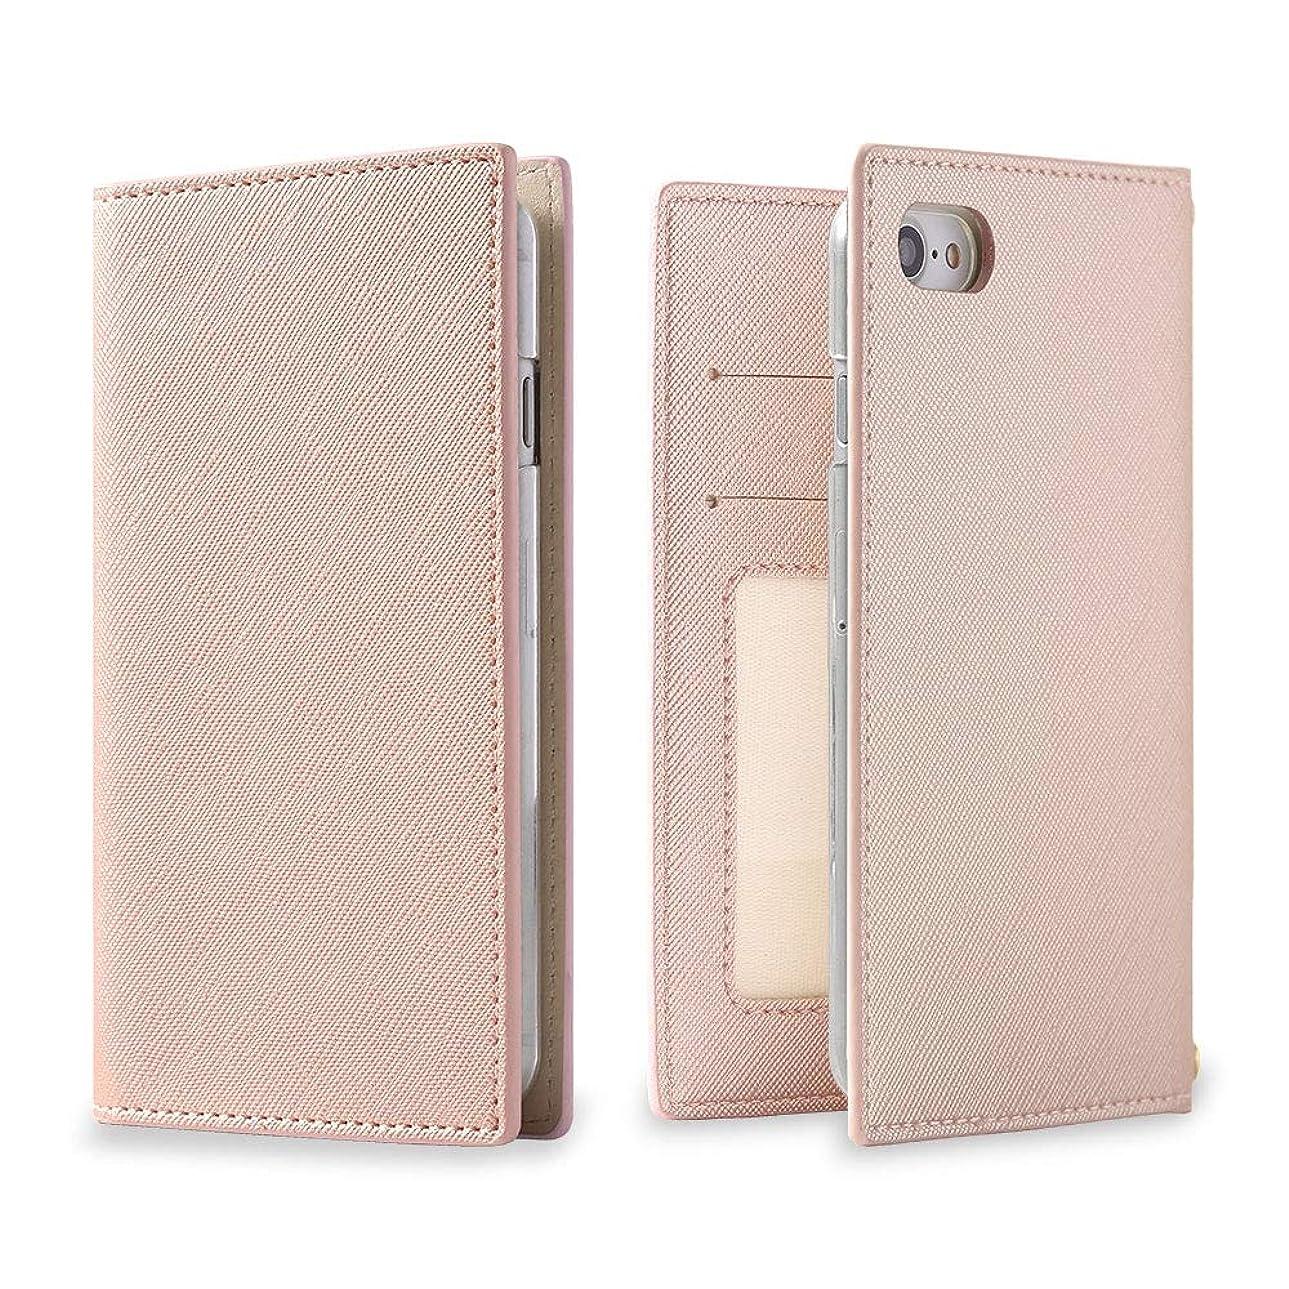 連結するモンクお誕生日iPod touch 第7世代 2019 ケース 手帳型 アイポッド スマホケース メタリックピンク シンプル